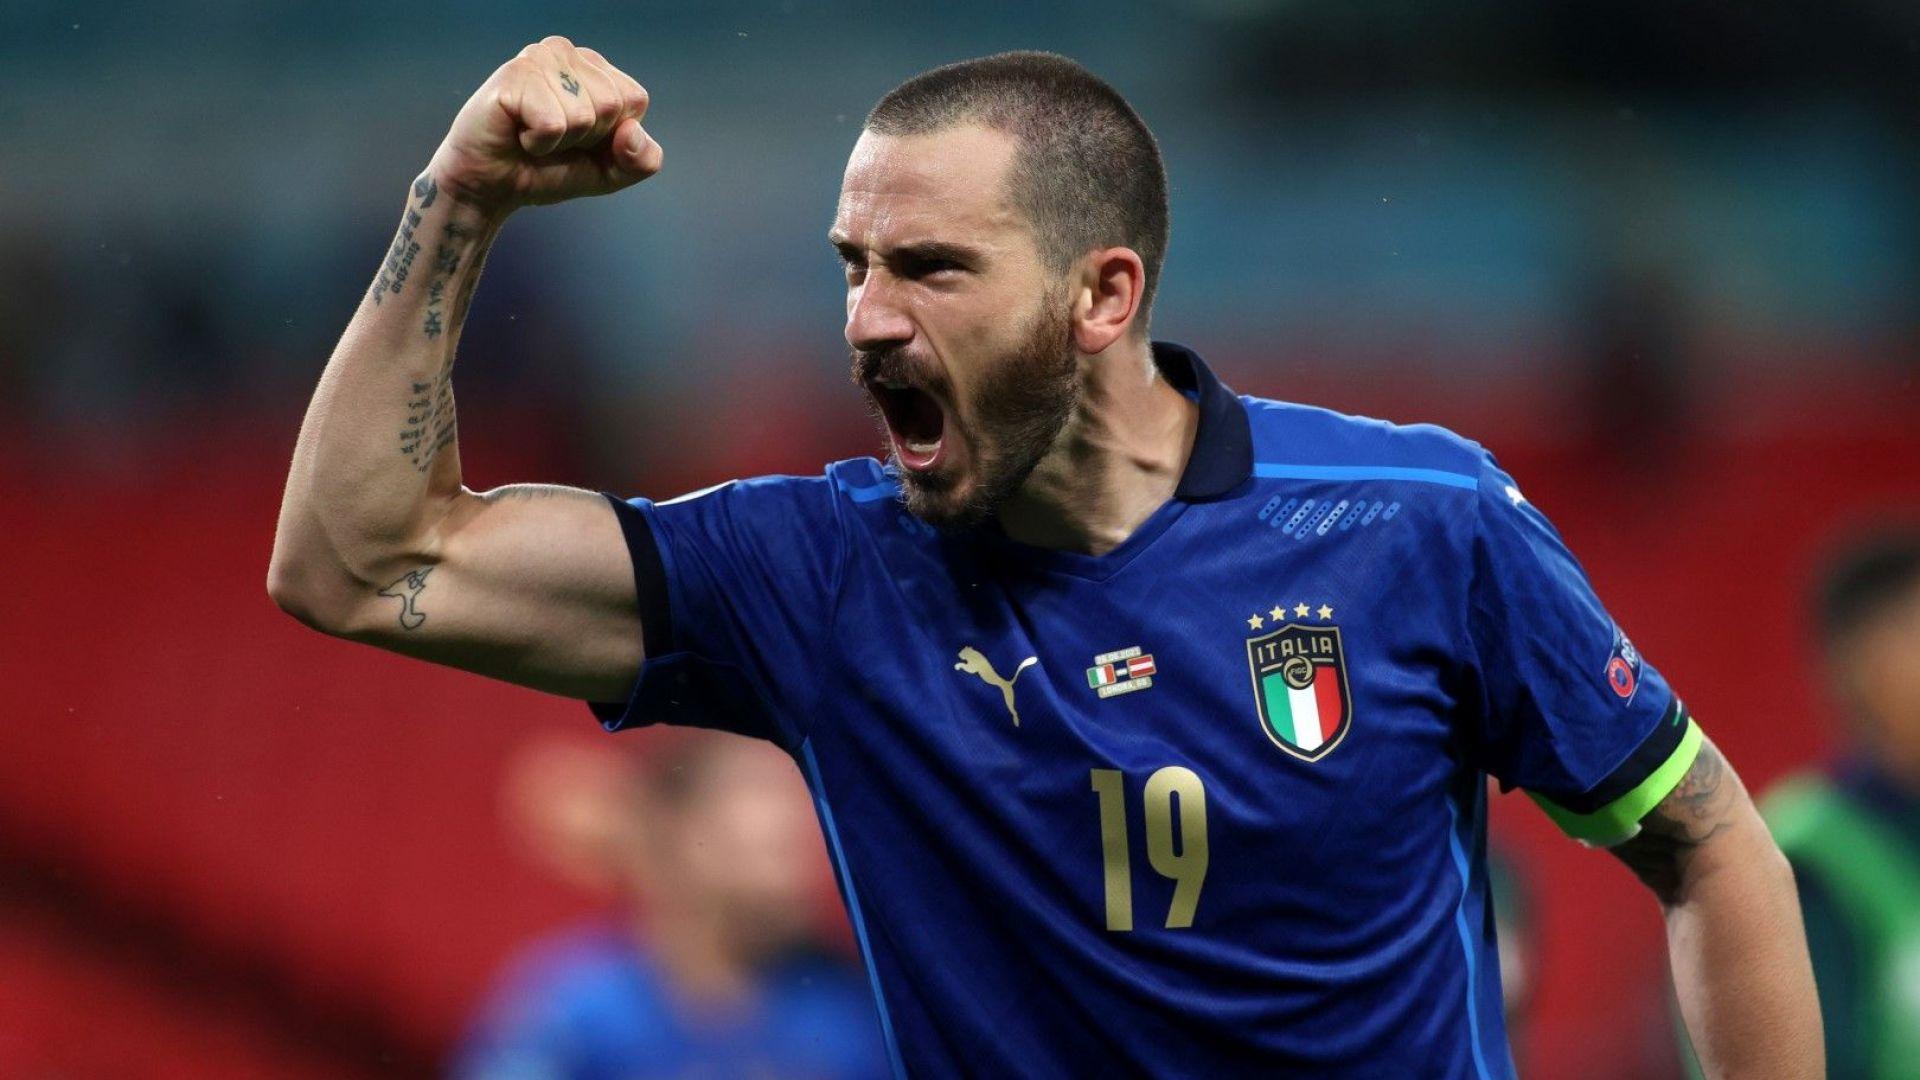 Италия след победата: Лъвове! Не ни събуждайте от съня!